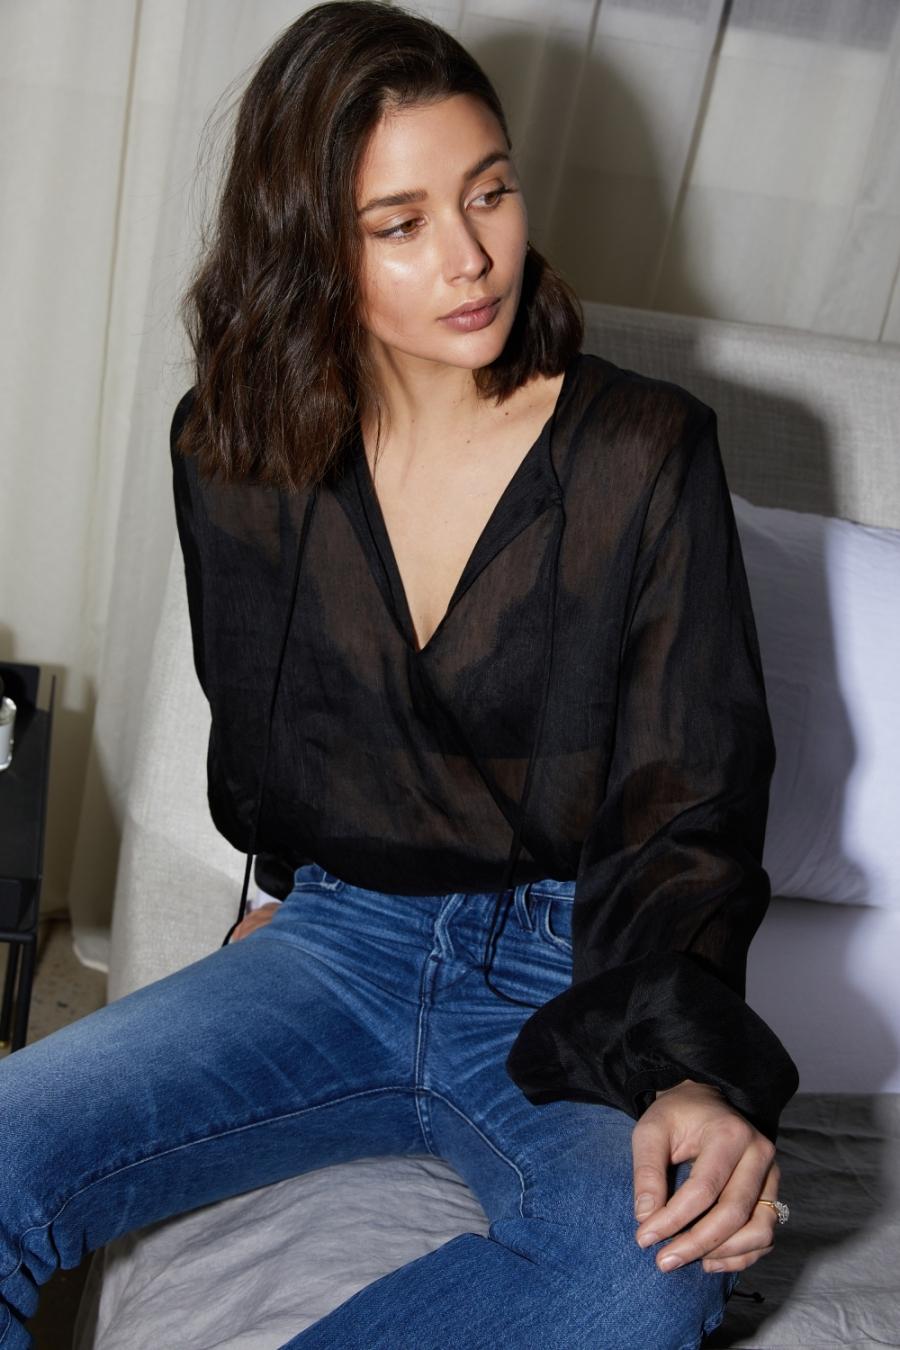 áo bralette và áo sơ mi màu đen